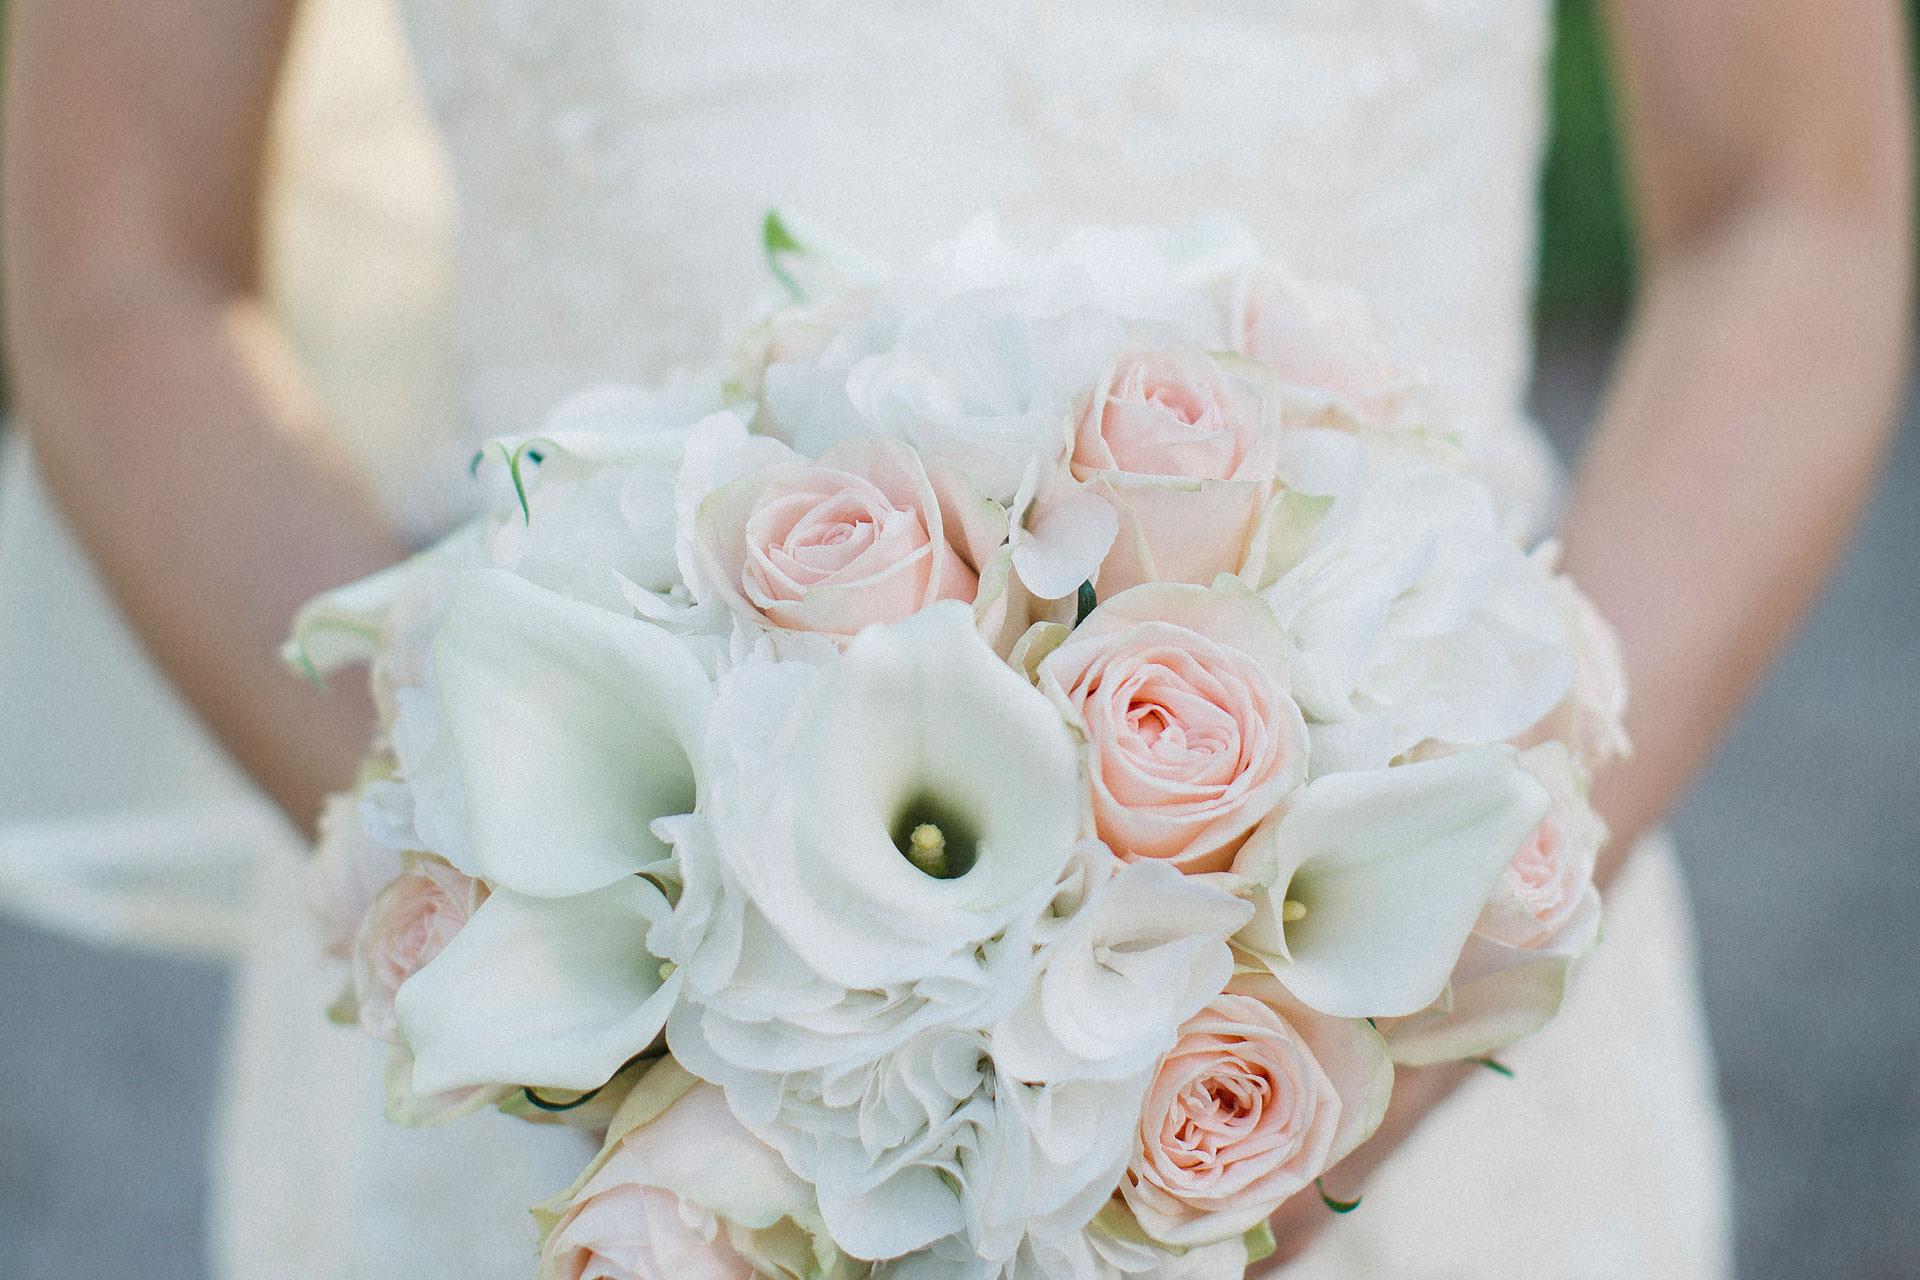 Vacker brudbukett med rosa rosor och vit kalla. Bröllopsfotograf Tove Lundquist har tagit bilden. Florist: Trolldruvans blomsterhandel.